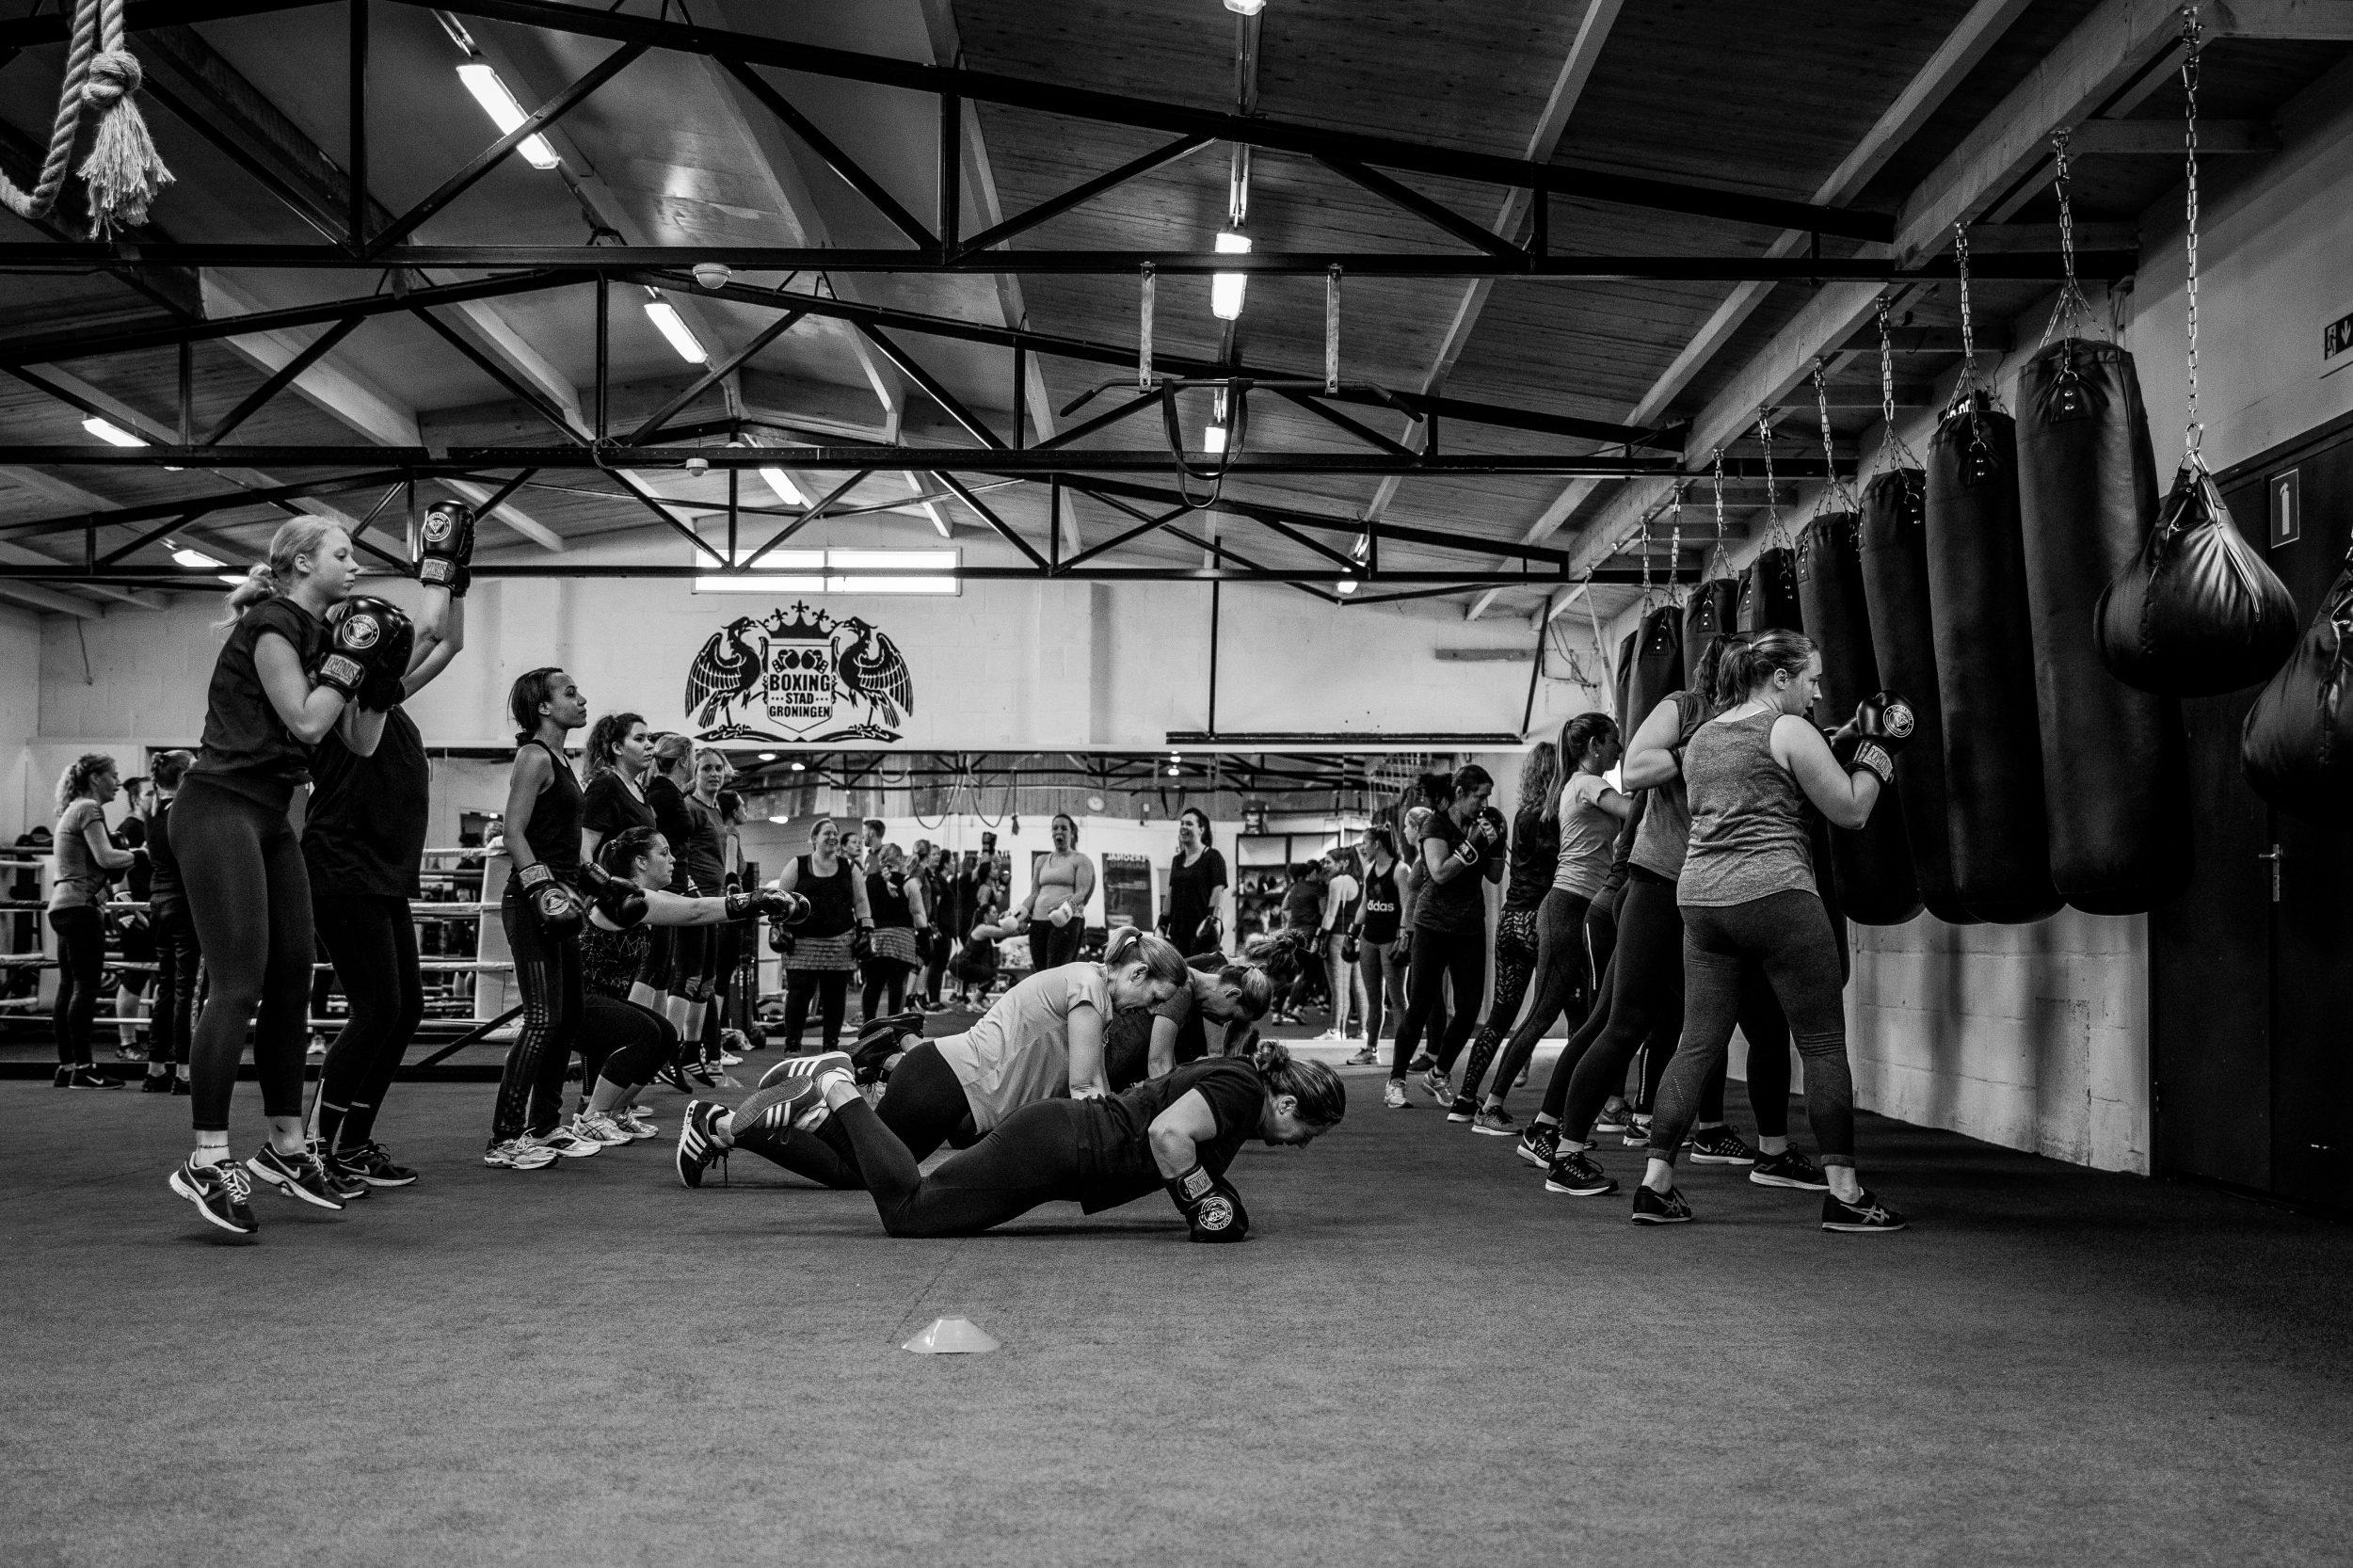 vrouwen boksen groningen